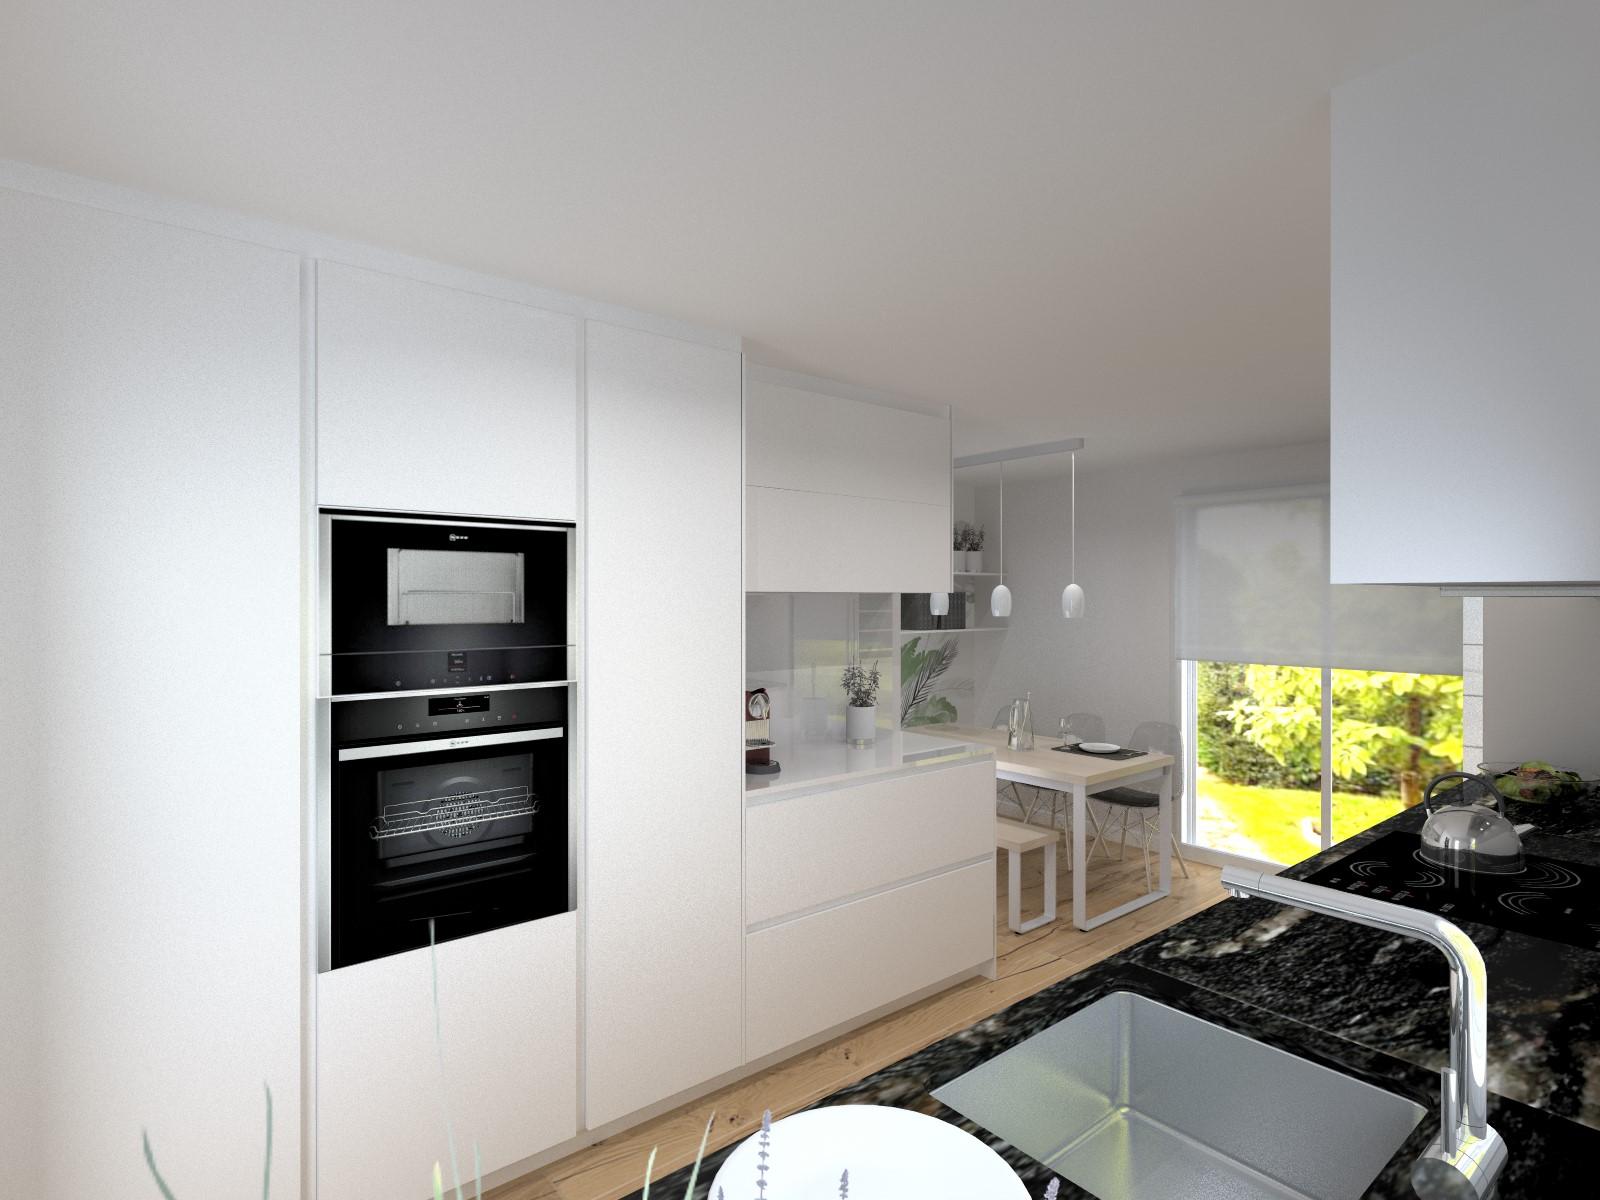 Combinaci N Y Equilibrio De Tonos Estudio Cocinas Dc # Muebles Equilibrio